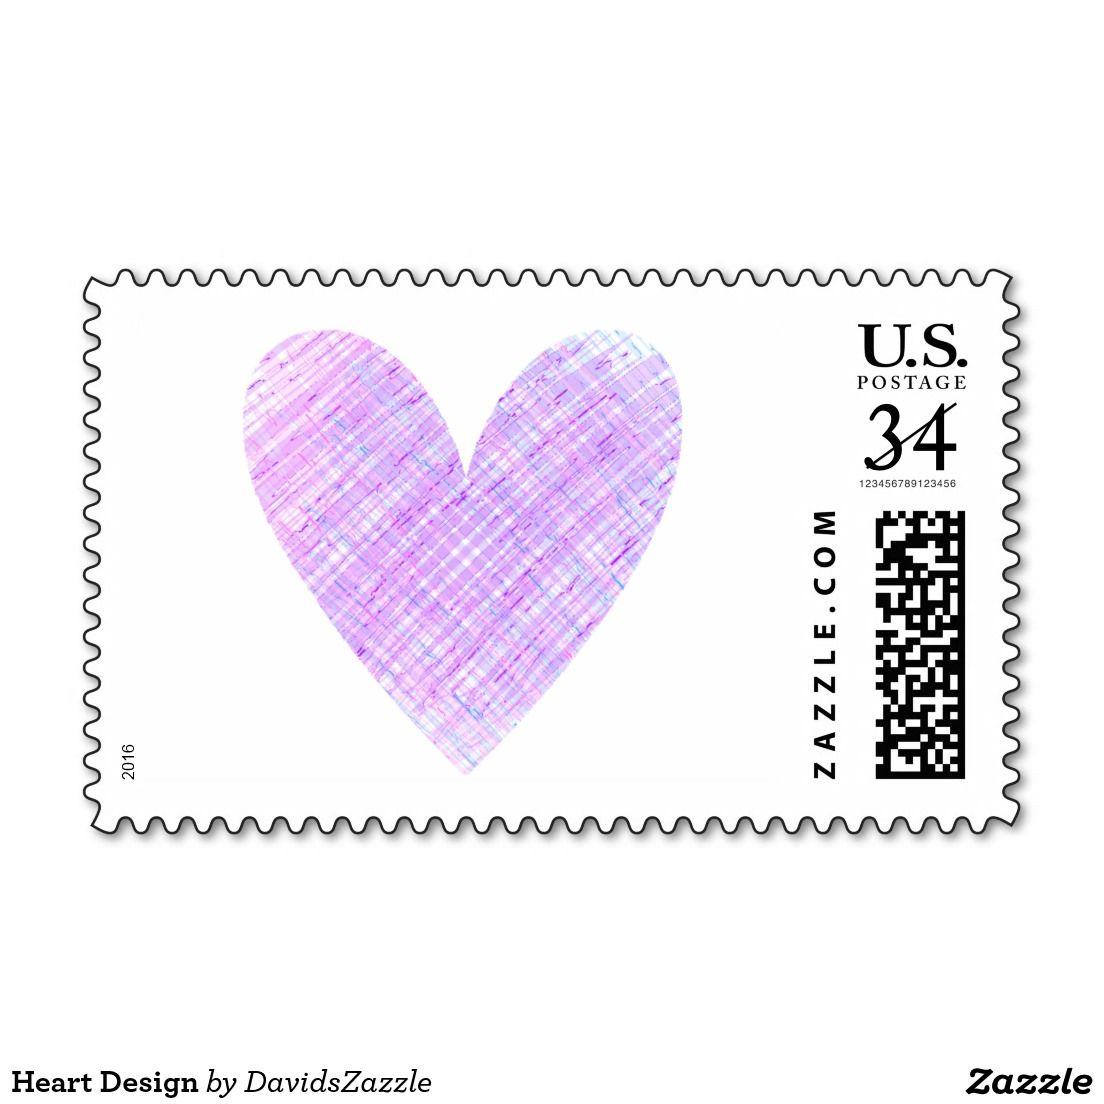 Heart Design Postage Stamp Heart Design Design Stamps Self Inking Stamps